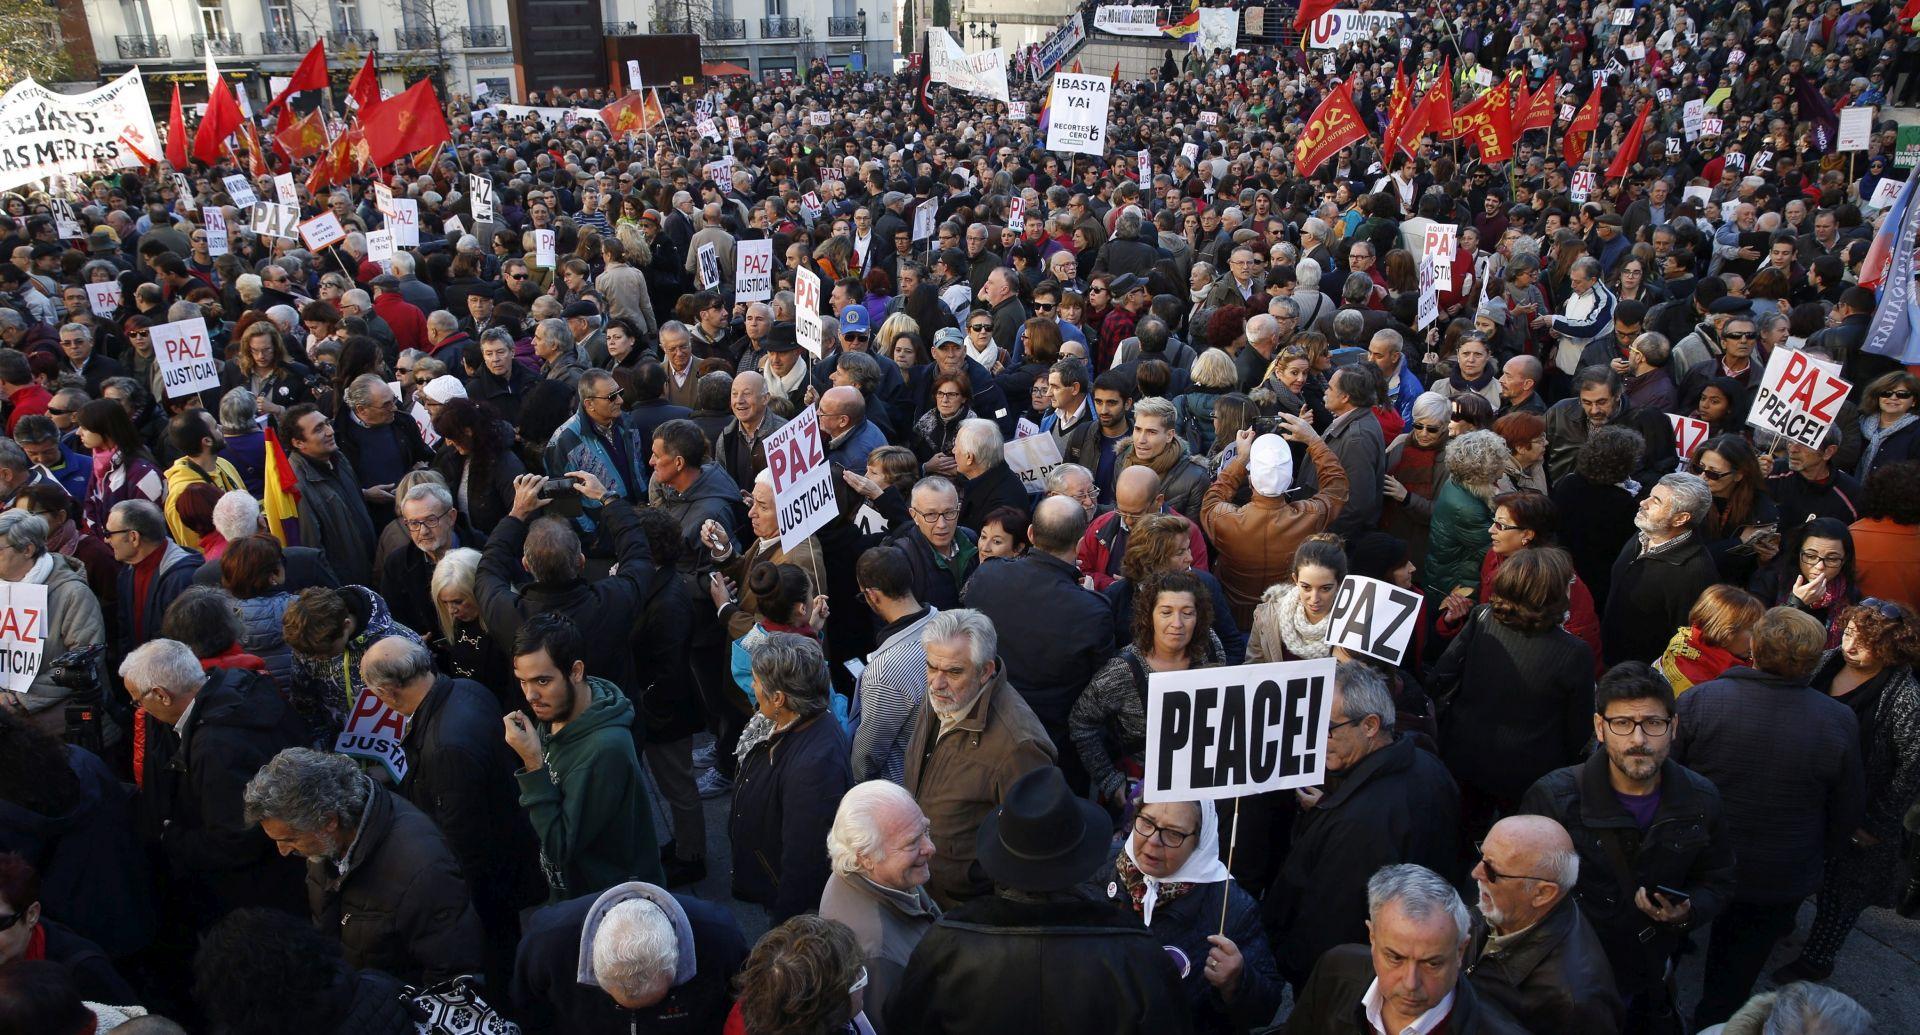 PROTIV INTERVENCIJE U SIRIJI: U Madridu tisuće prosvjednika